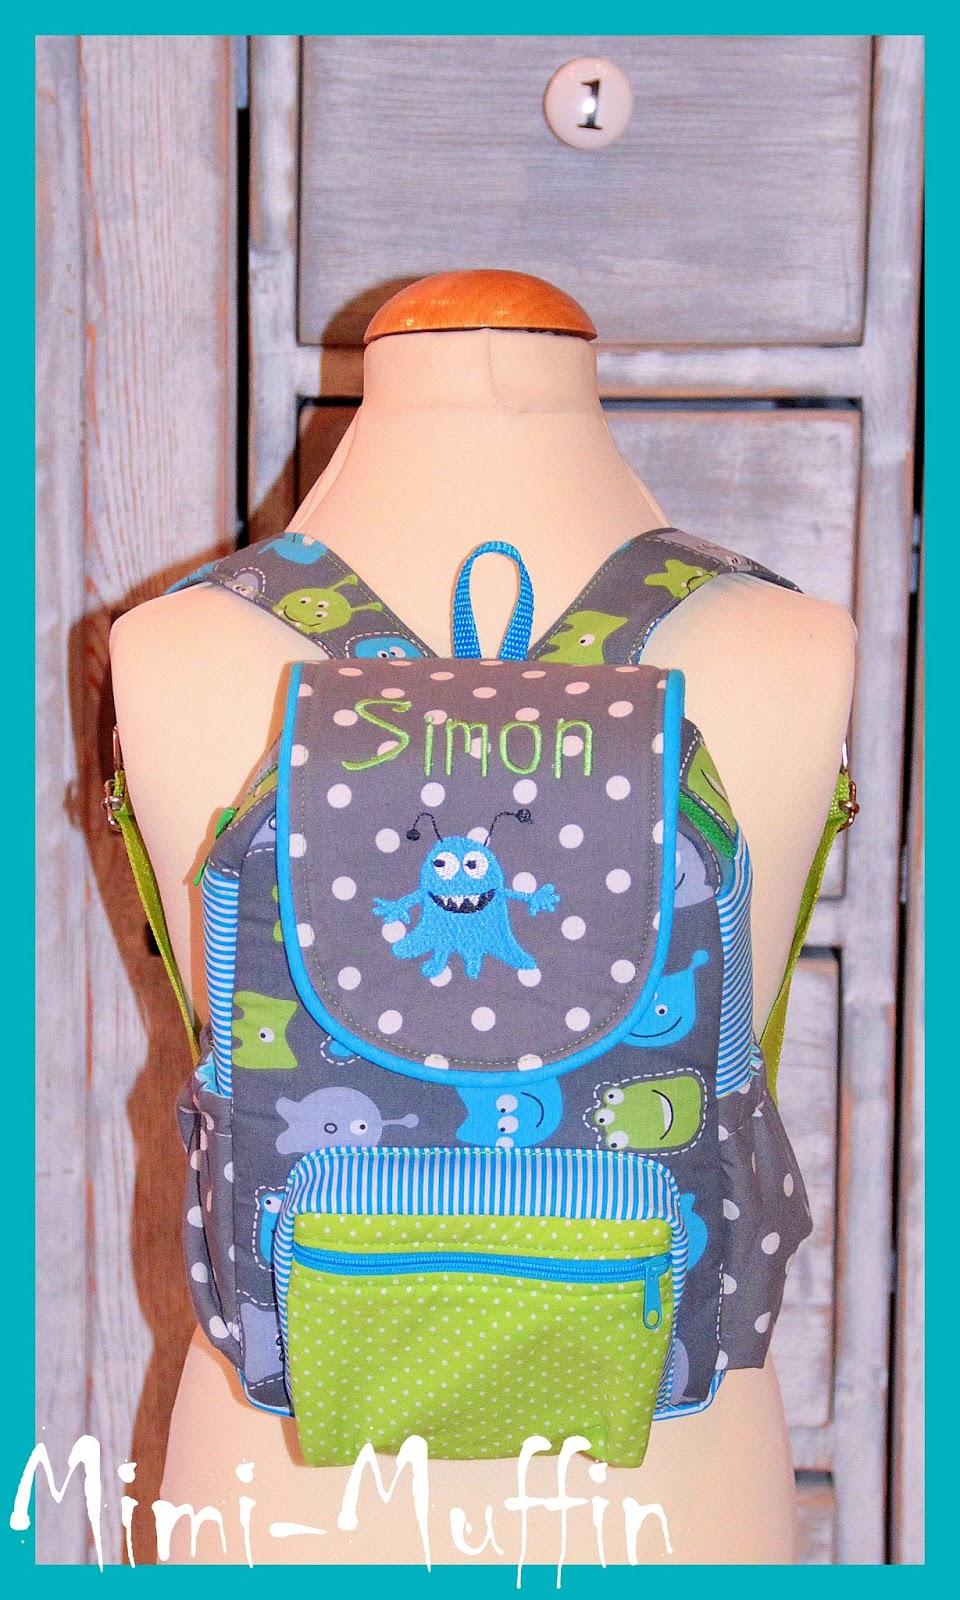 Mimi muffin monsterm iger piggyback kindergart - Piratenzimmer deko ...